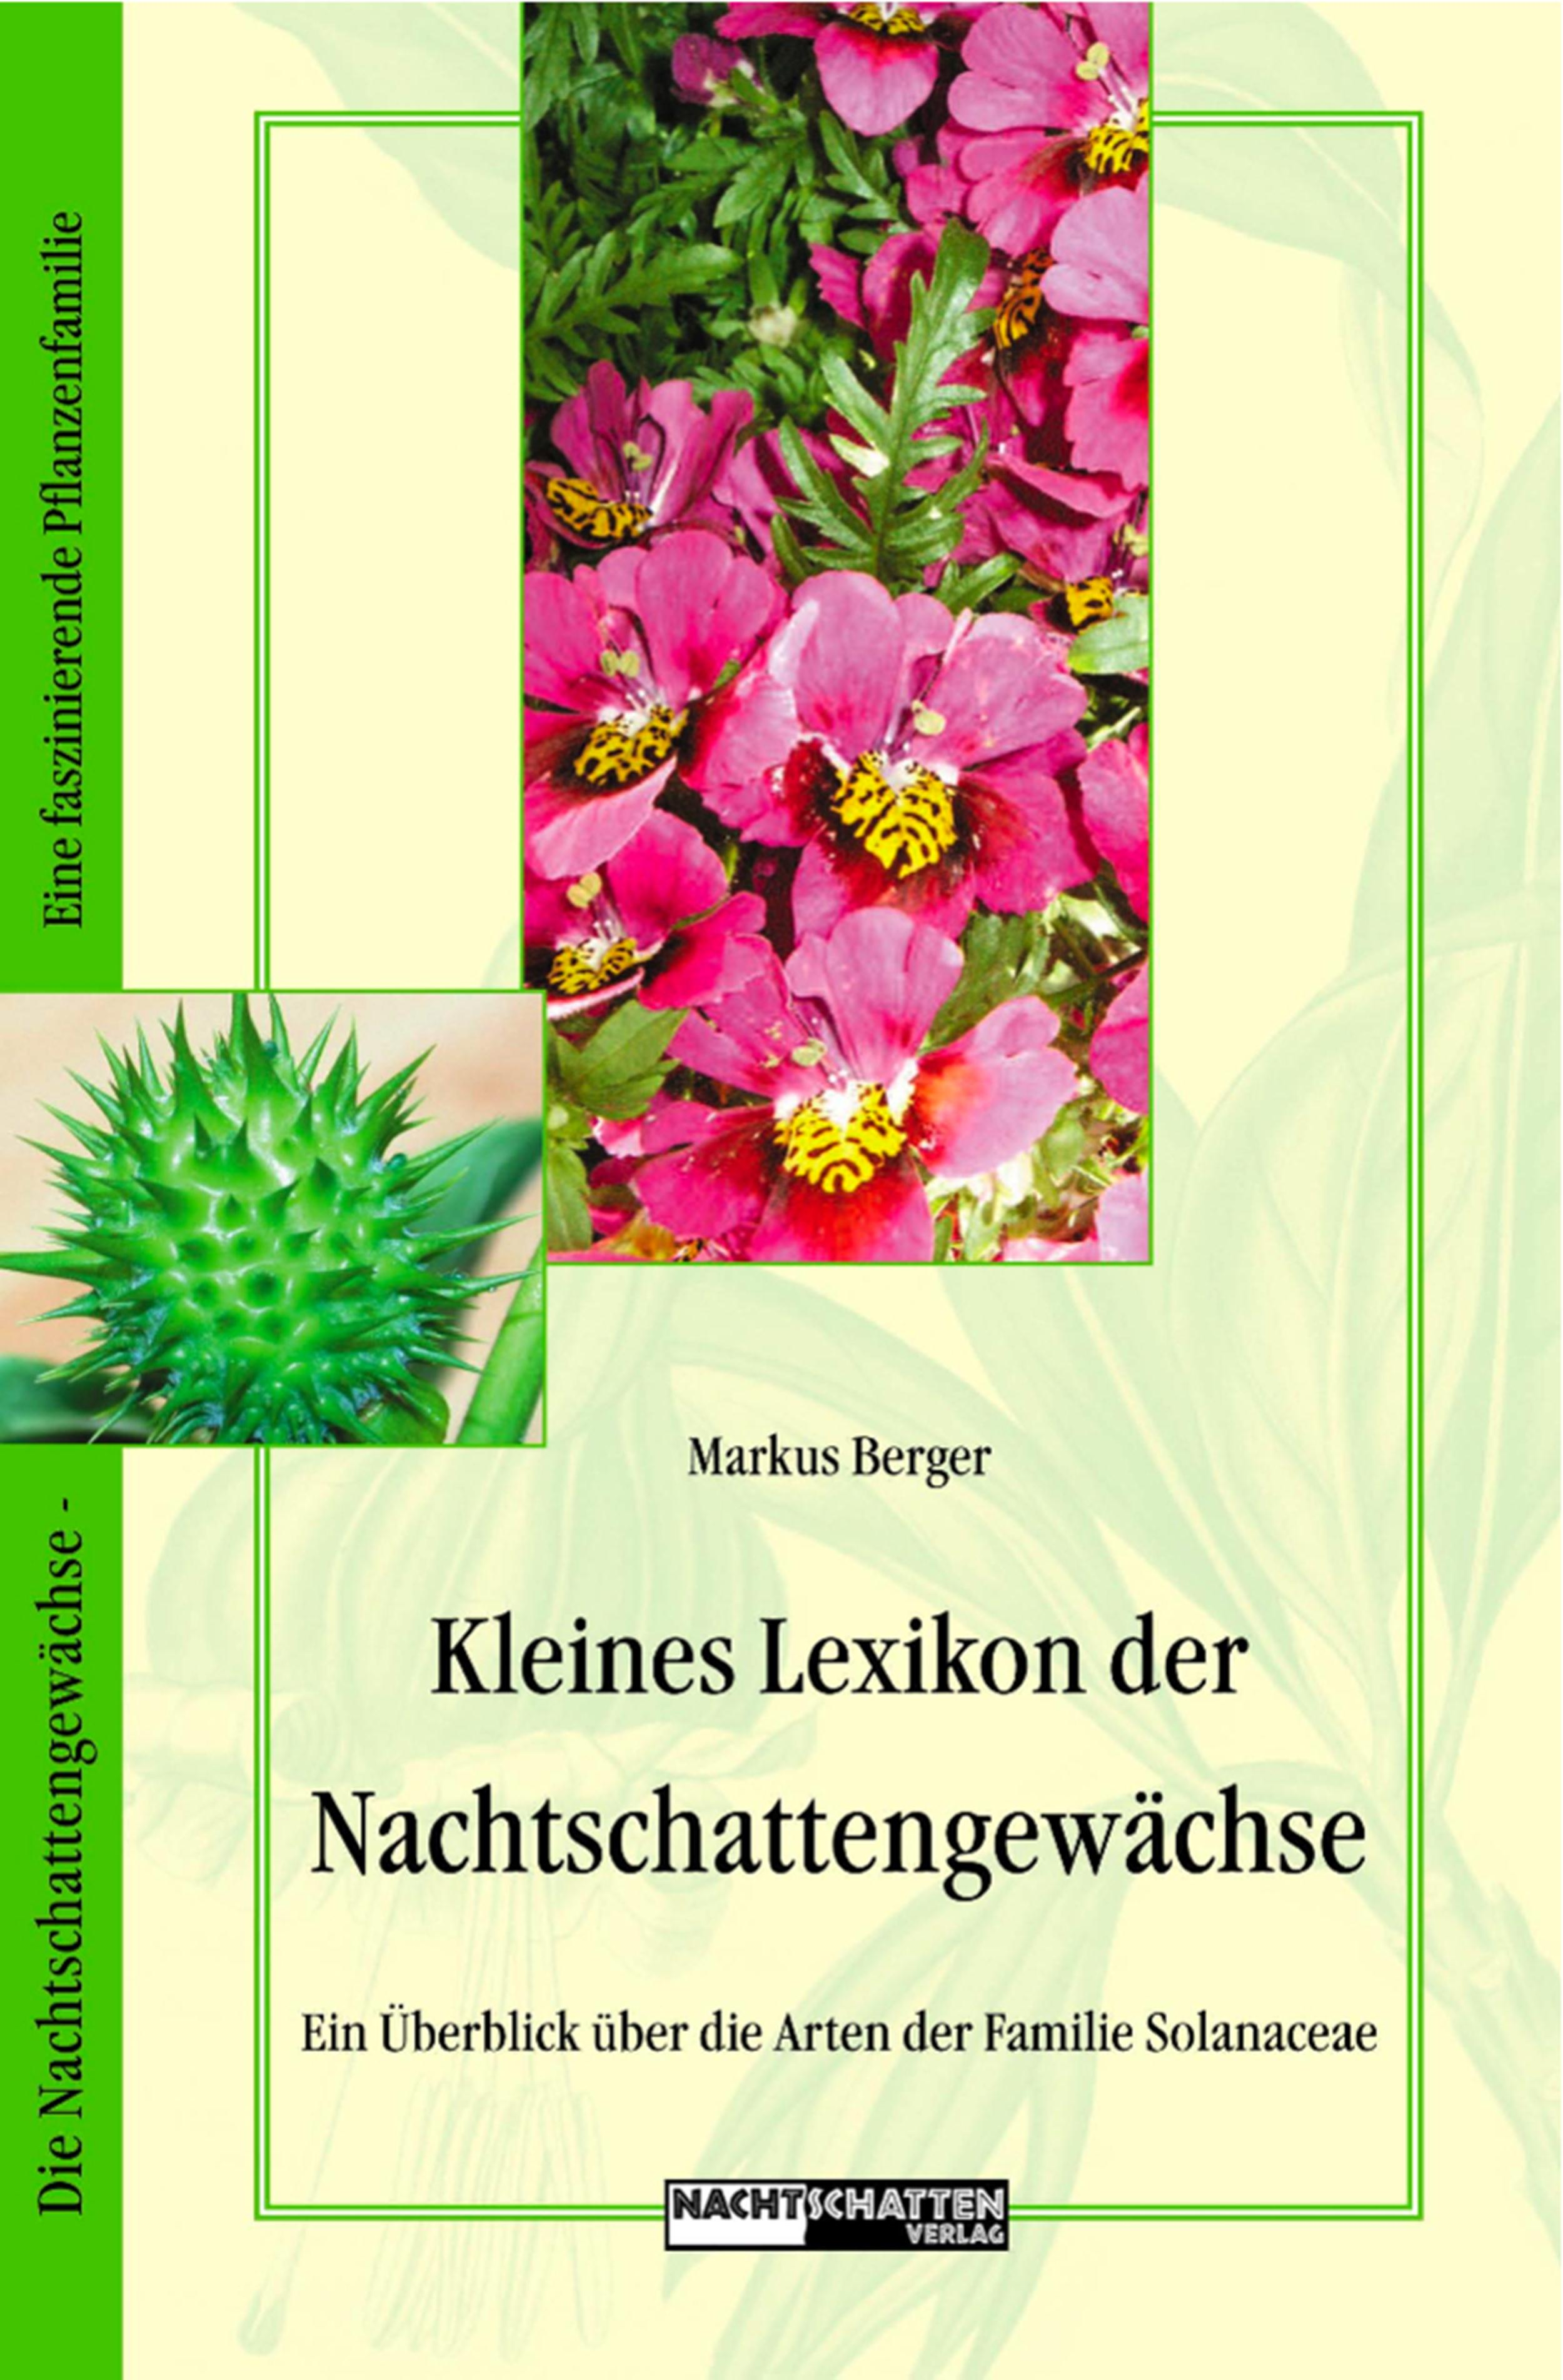 цены Markus Berger Kleines Lexikon der Nachtschattengewächse